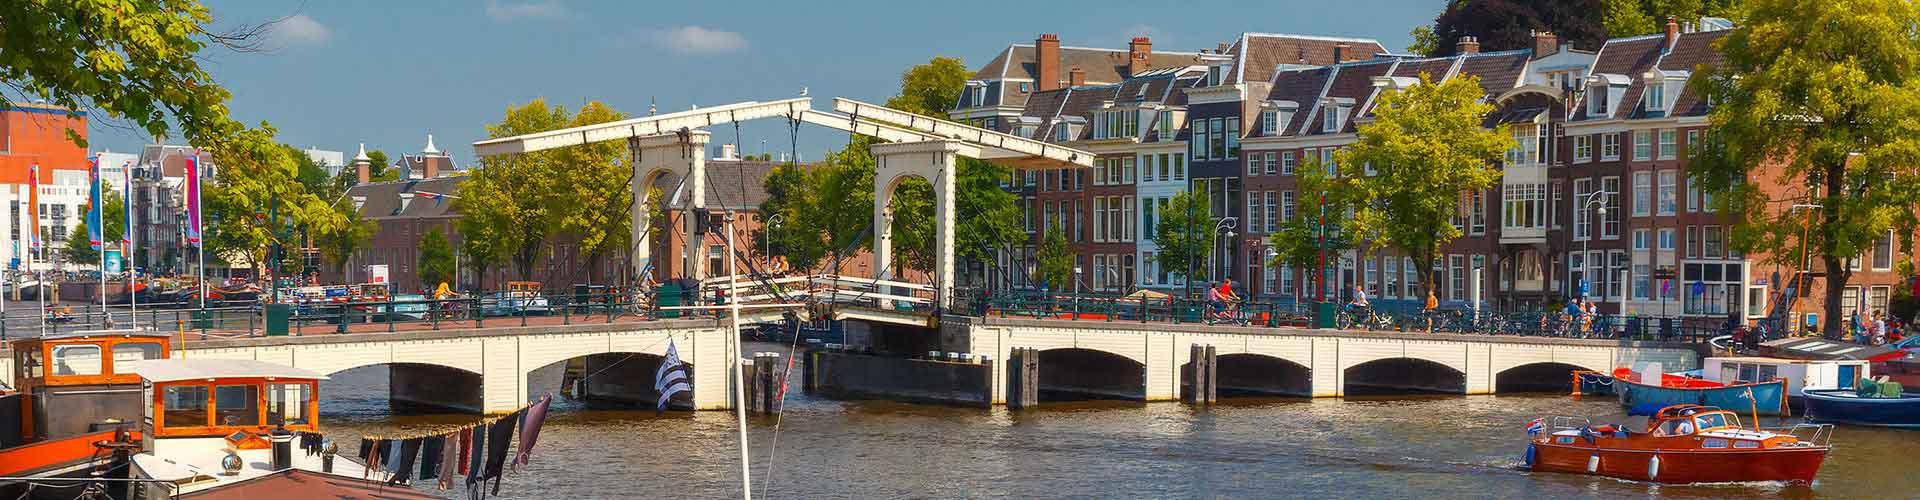 Amsterdam - Habitaciones cerca a Magere Brug. Mapas de Amsterdam, Fotos y comentarios de cada Habitación en Amsterdam.